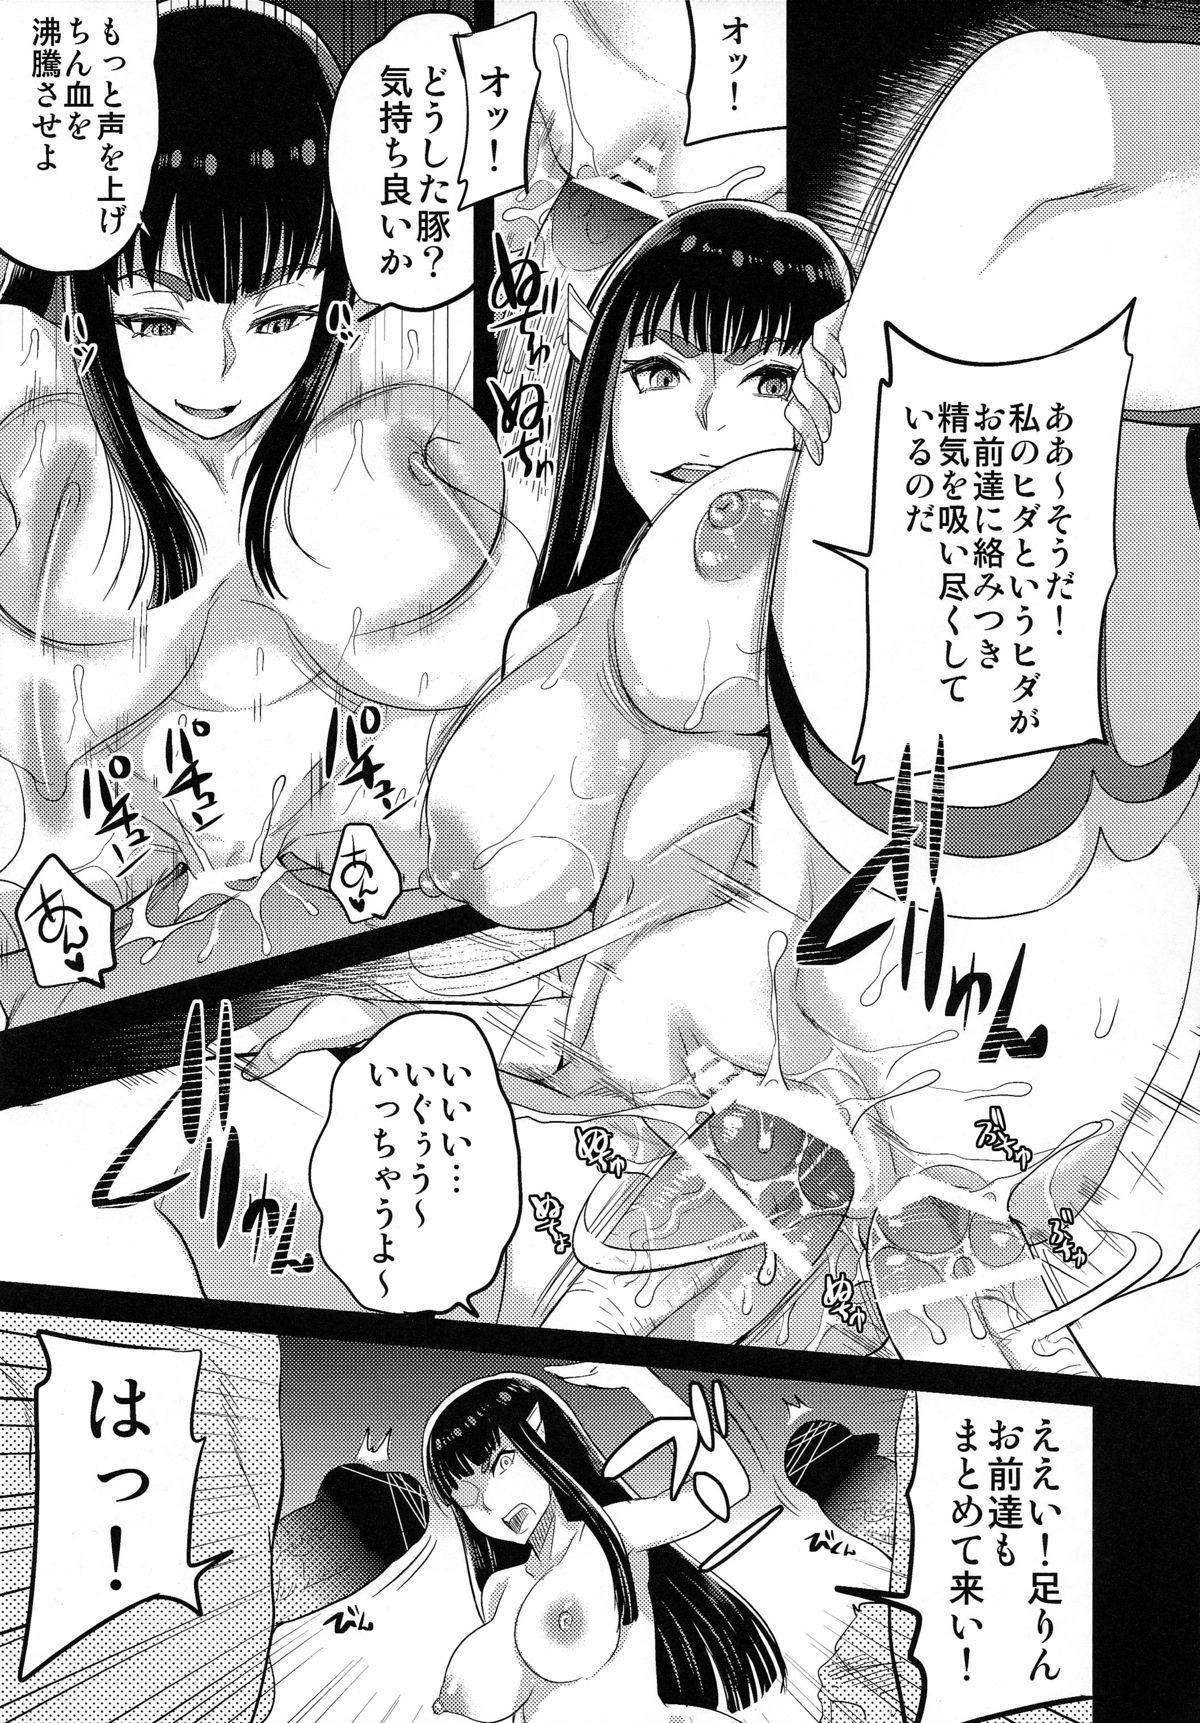 Kyokusei o Sasageyo! 12